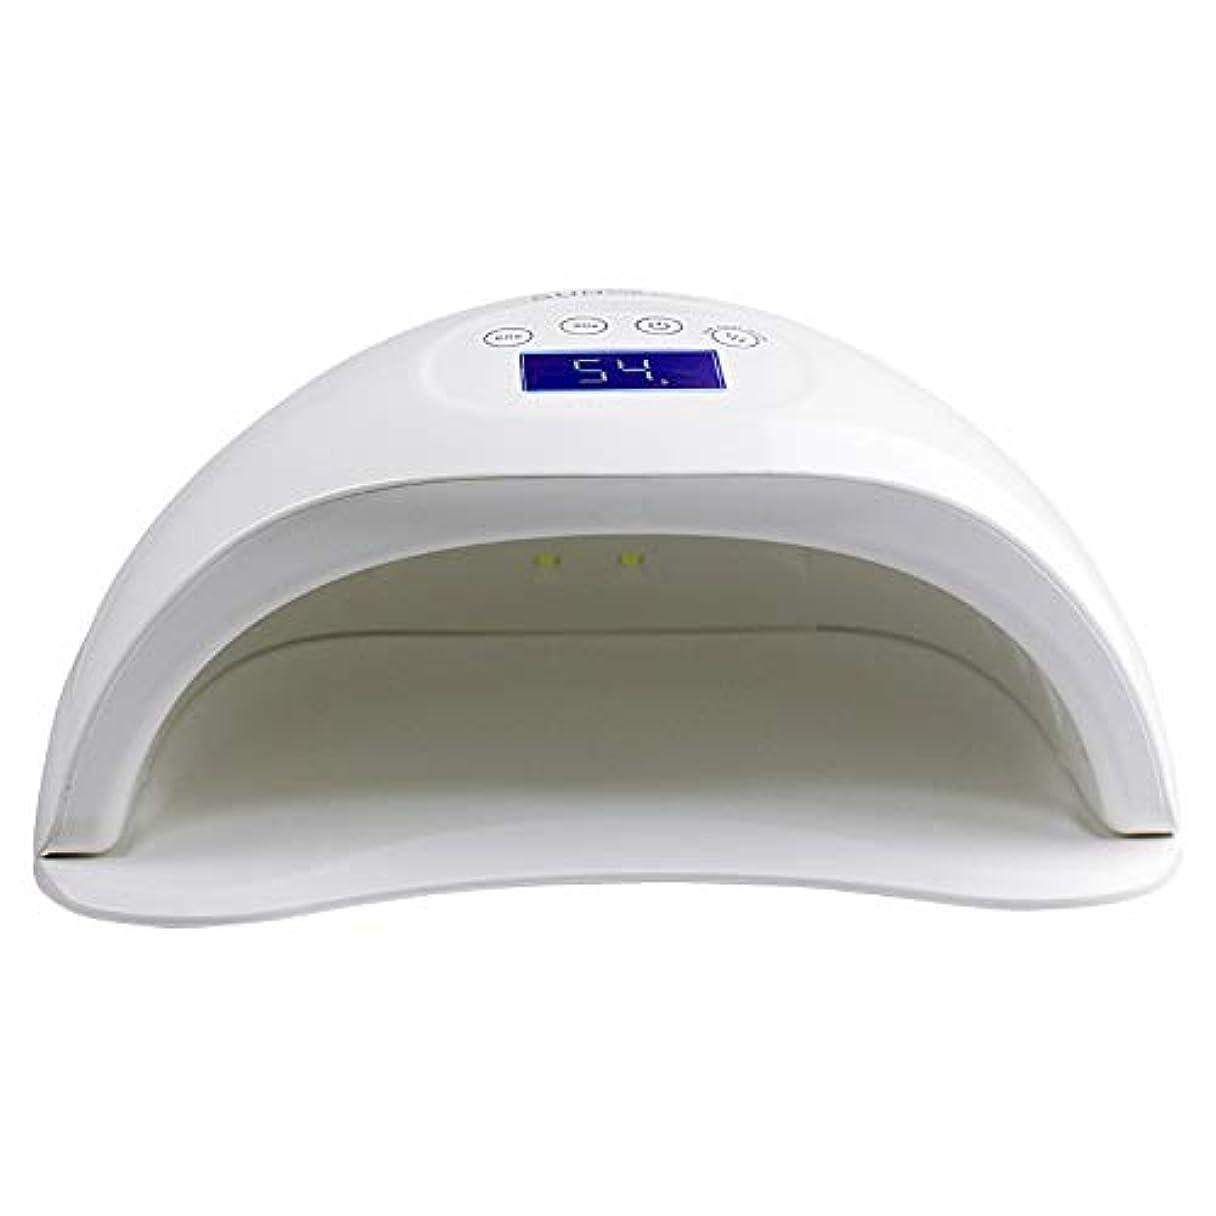 胆嚢キノコ溶かすネイル光線療法機、デジタルインテリジェント自動ネイル高速乾燥機、デュアル光源ノンスリップ多機能ネイルポリッシャー、家族/美容/ホテルに適しています